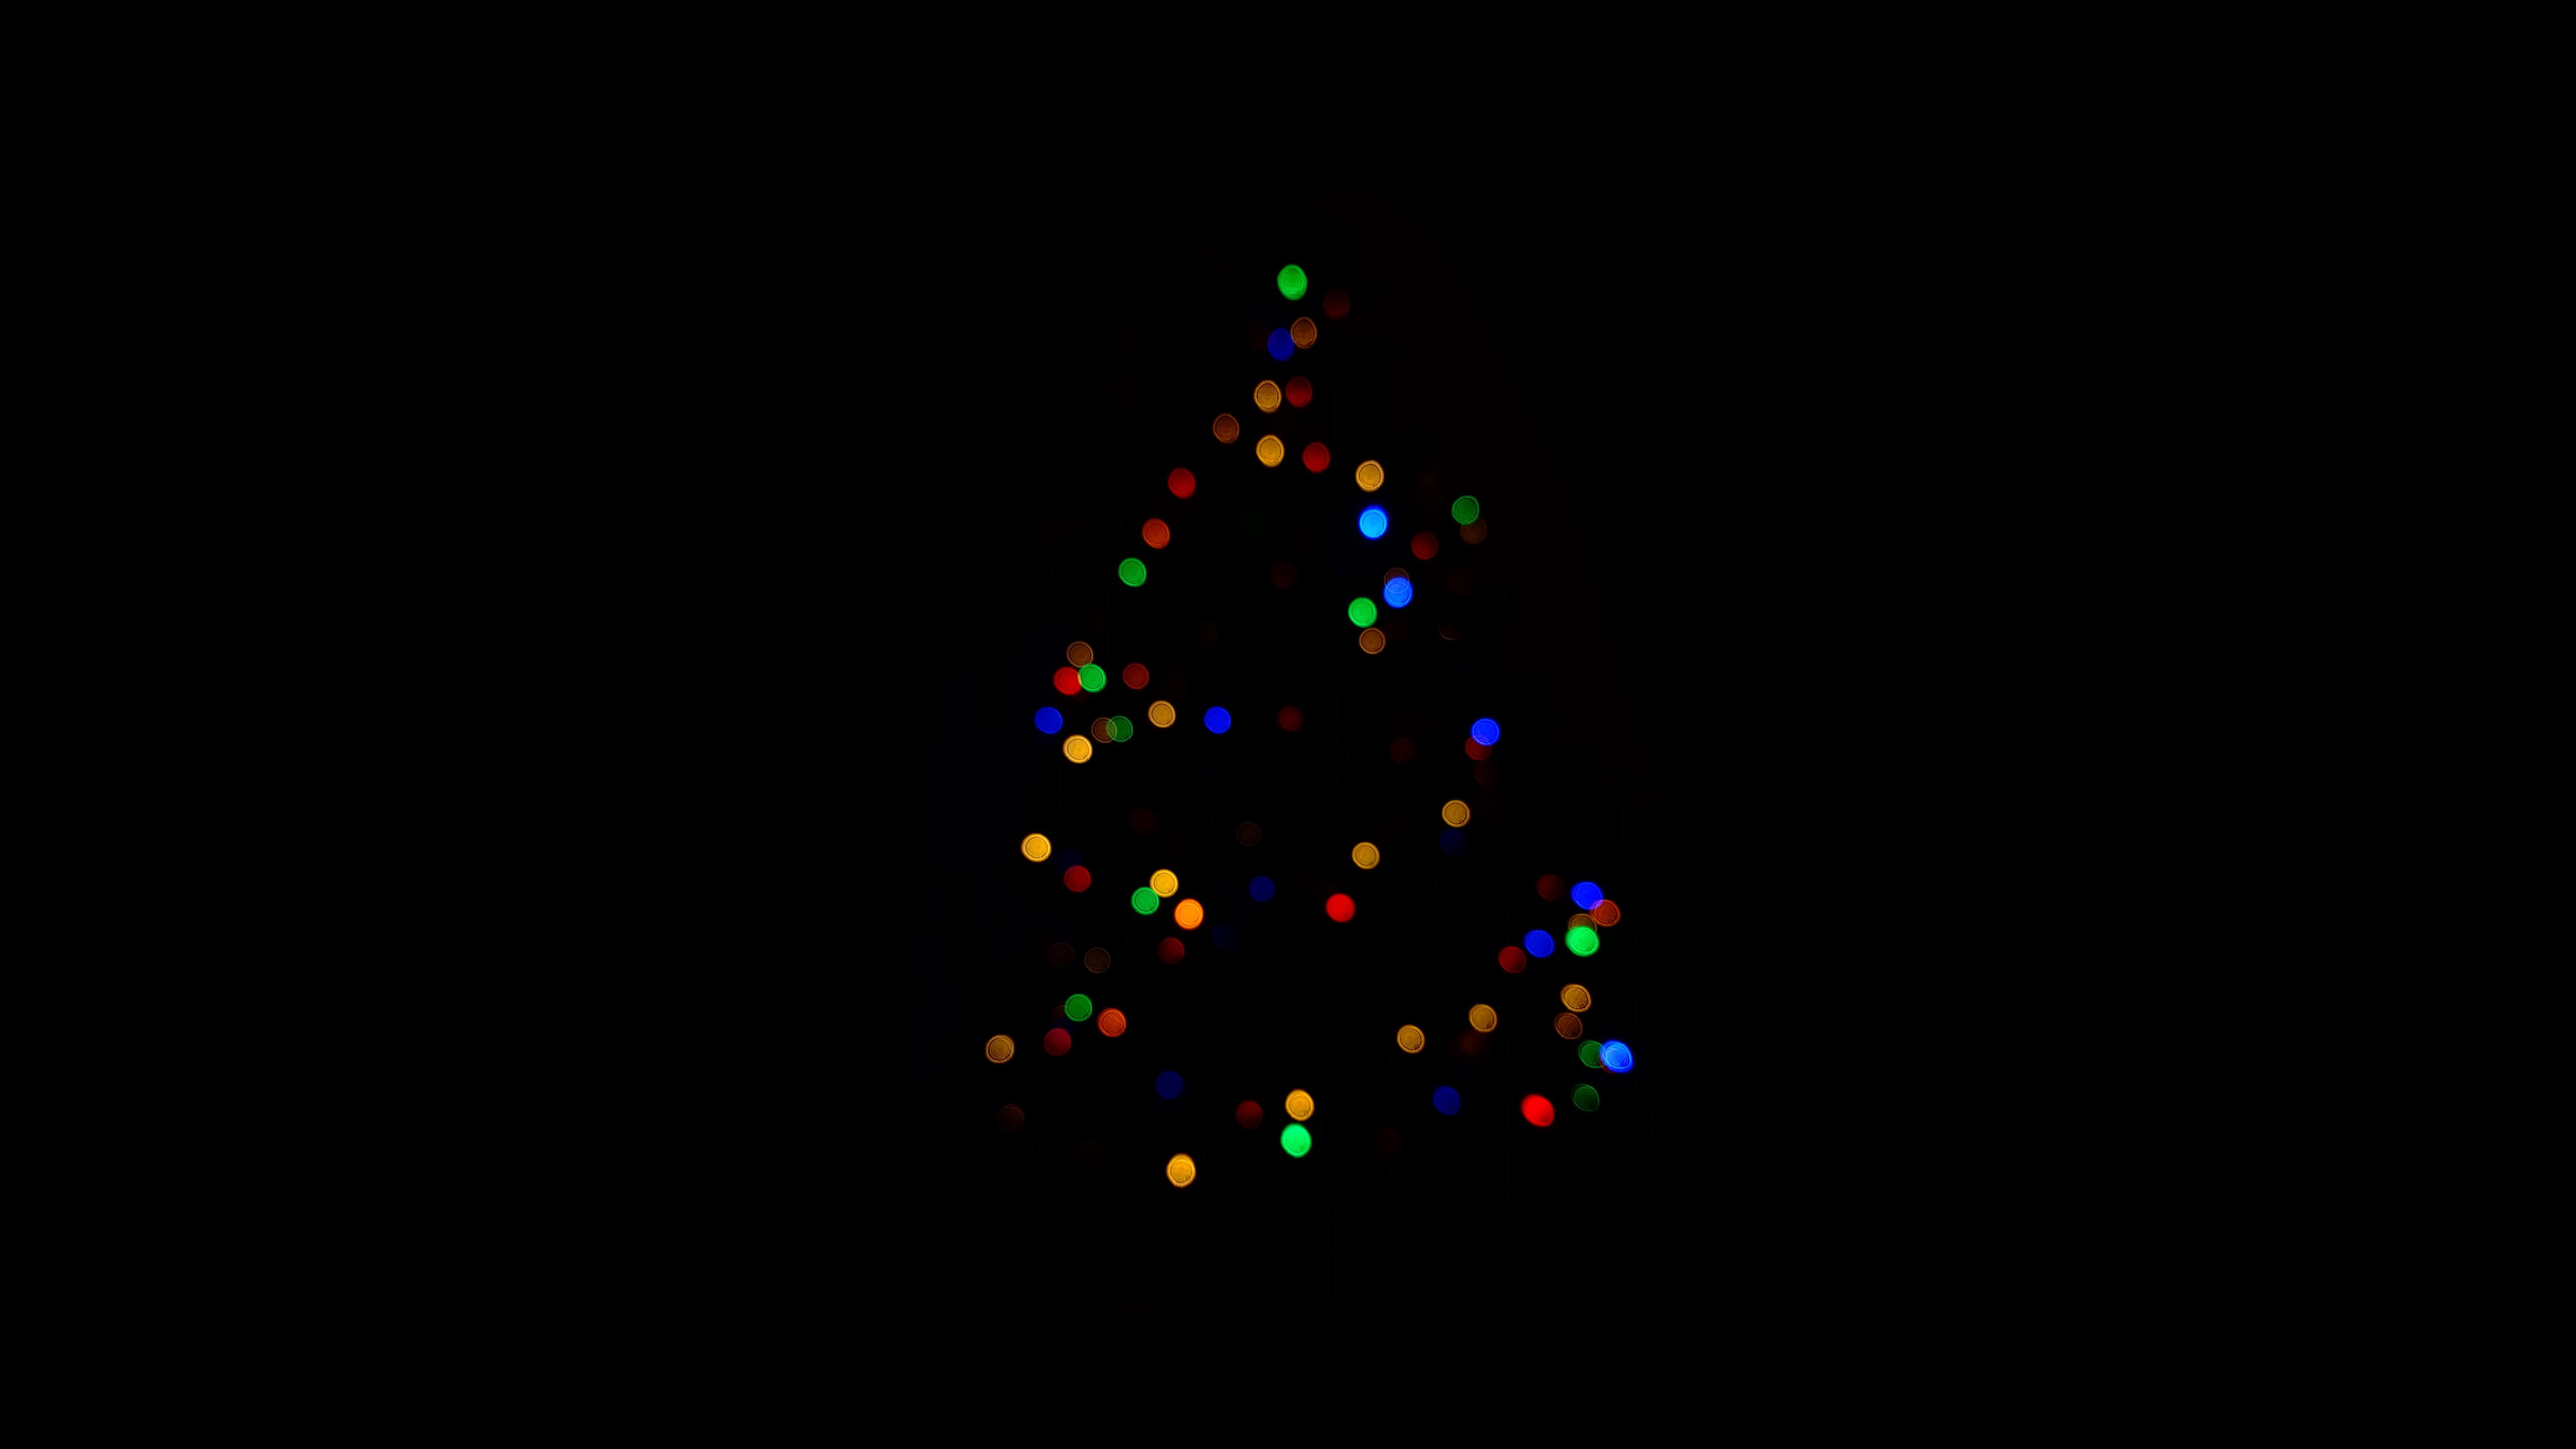 christmas tree minimalism dark 4k 1629229313 - Christmas Tree Minimalism Dark 4k - Christmas Tree Minimalism Dark wallpapers, Christmas Tree Minimalism Dark 4k wallpapers